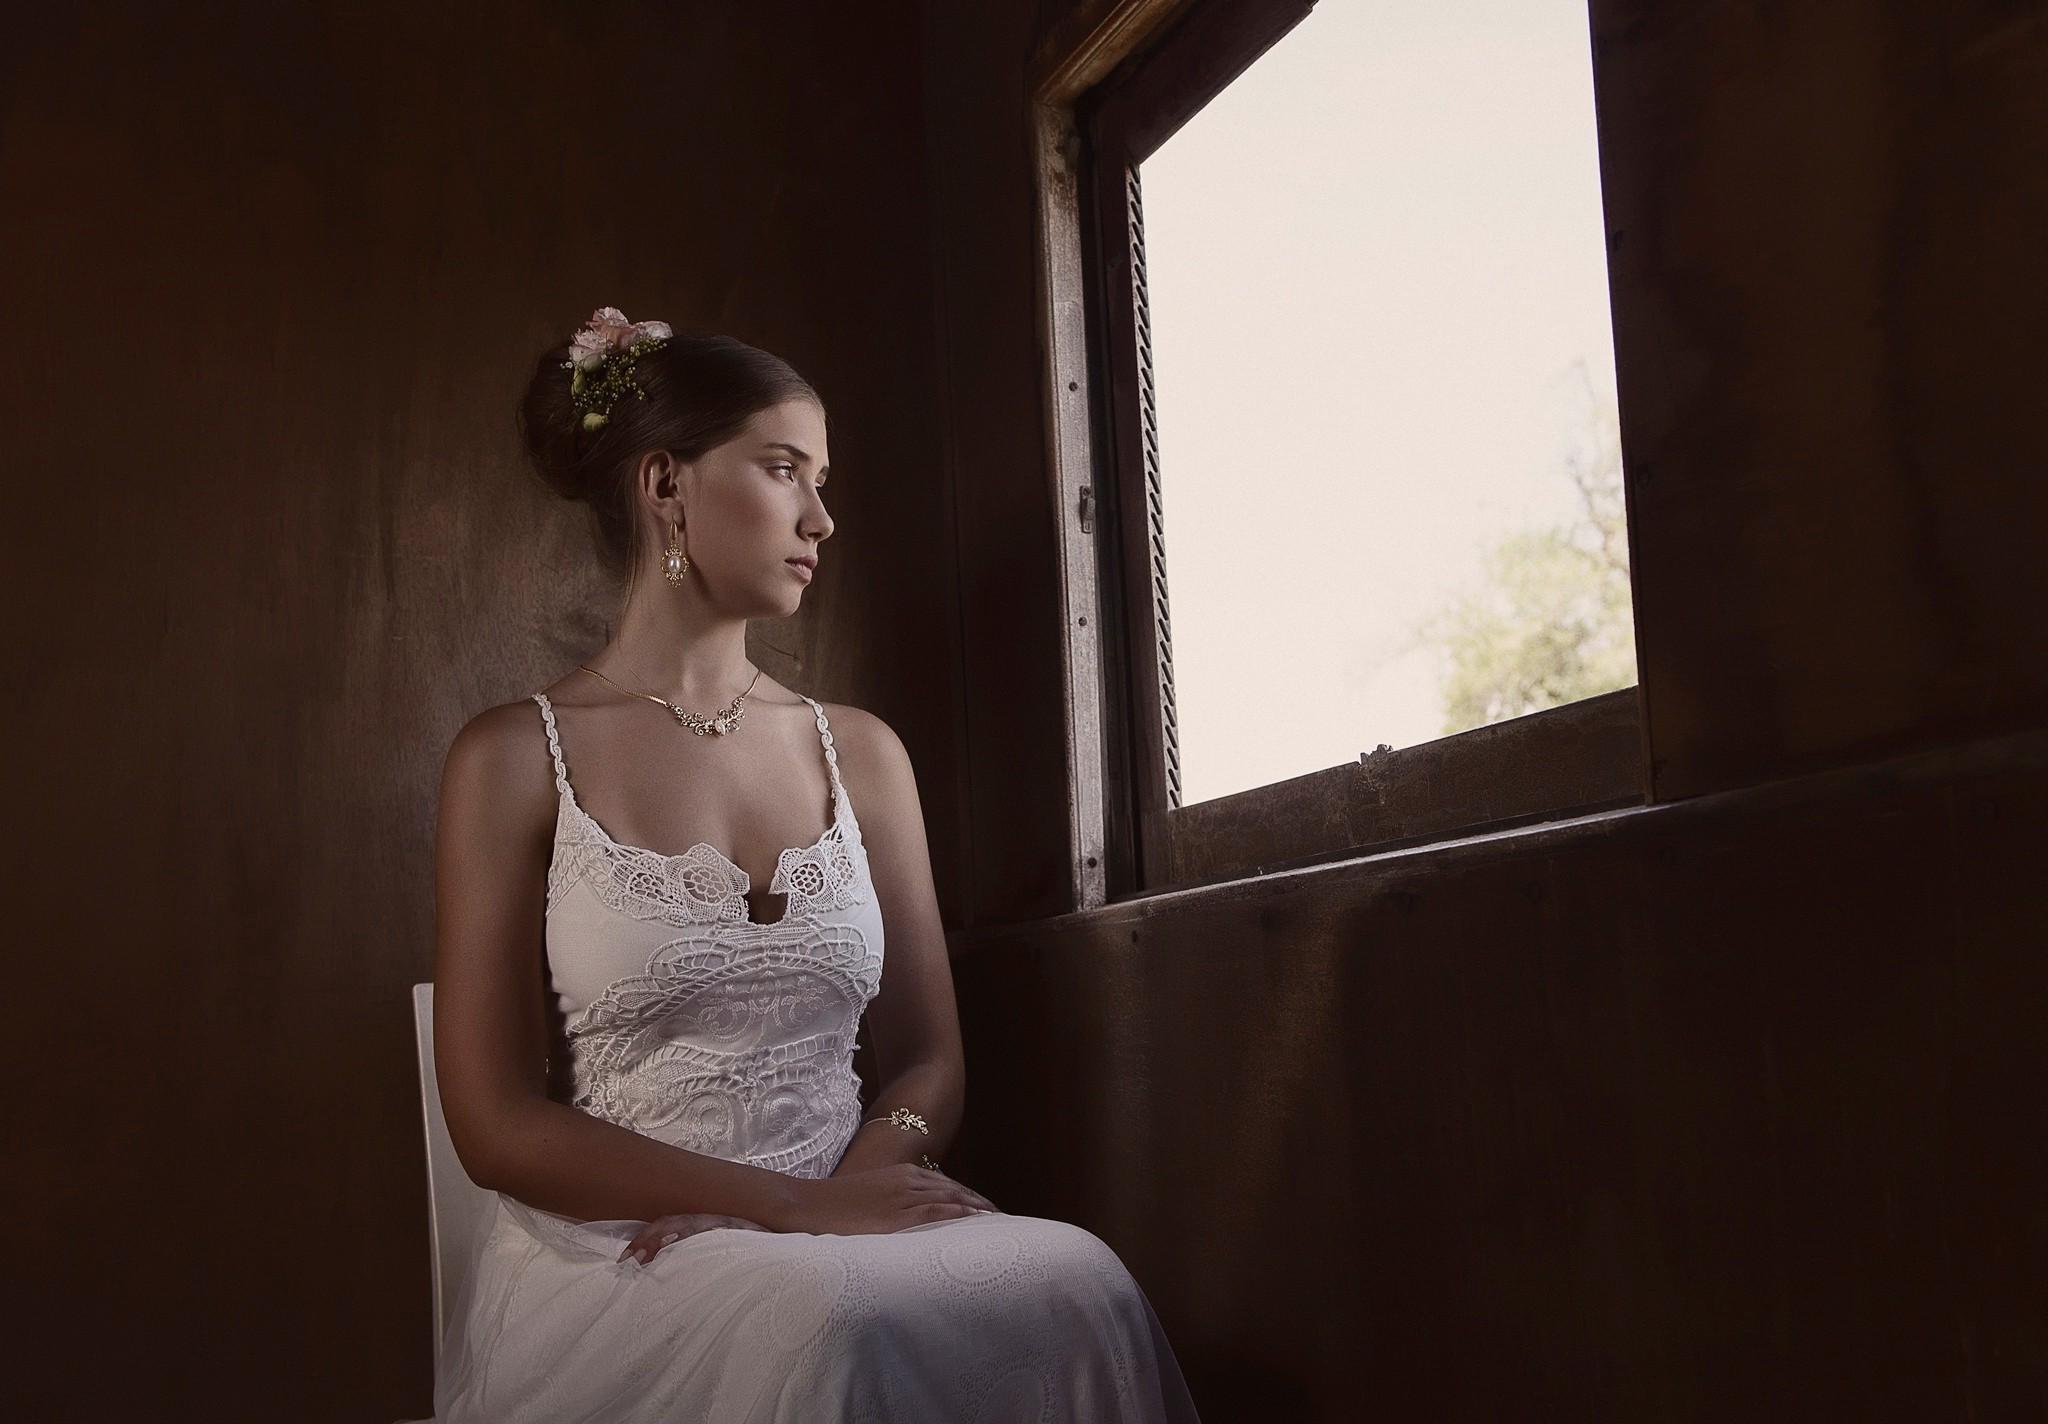 Hintergrundbilder : Frau, Porträt, Brünette, weißes Kleid ...